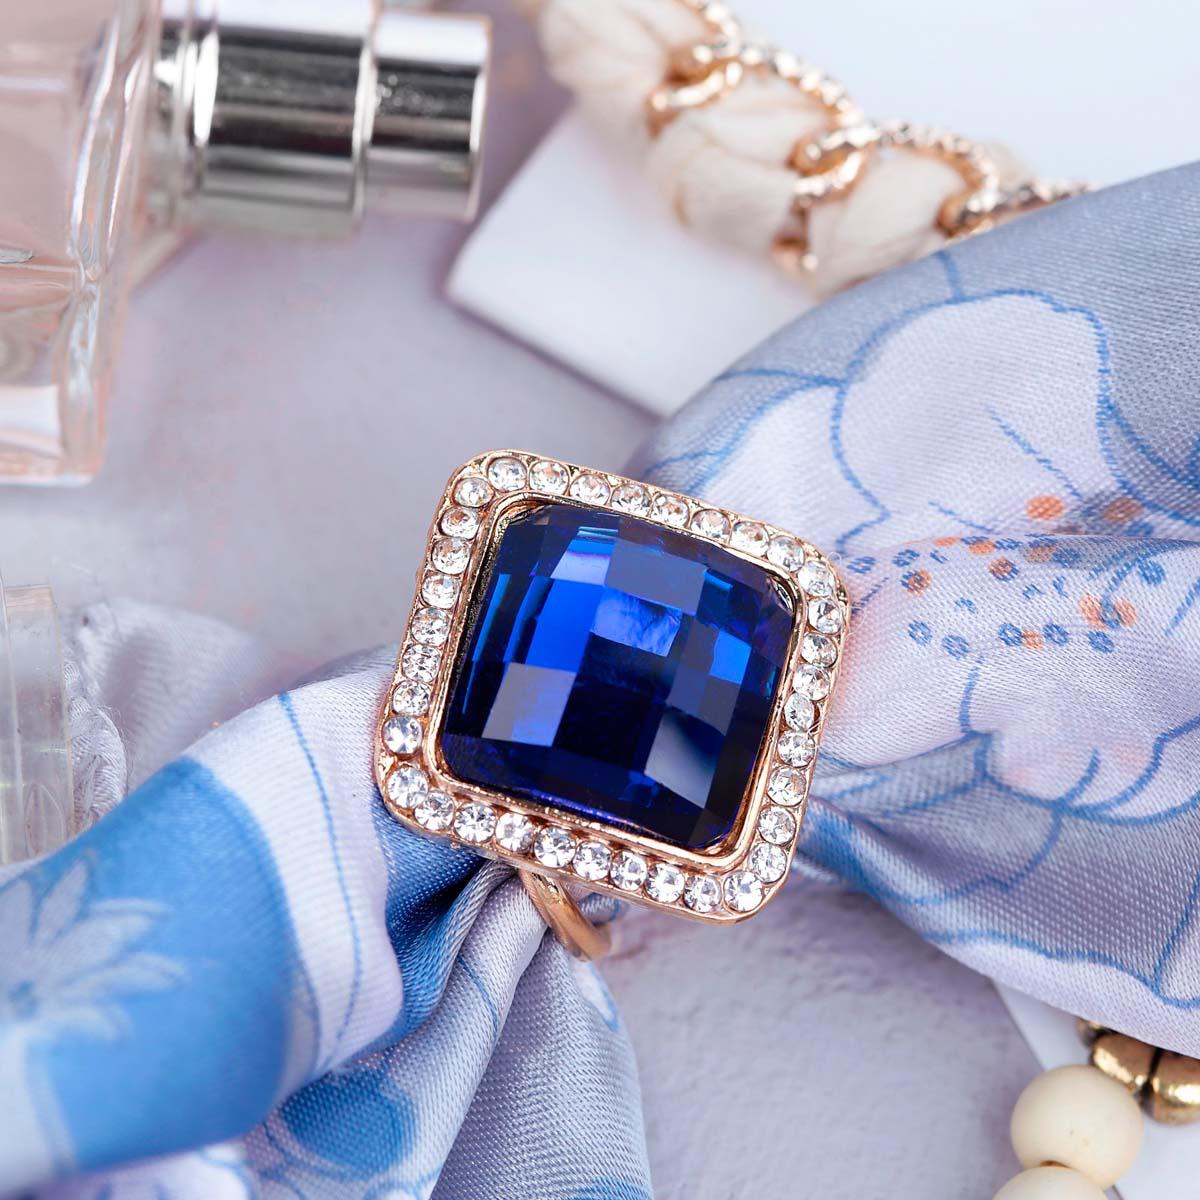 3714484 Кольцо для платка 'Кристалл' ромб, цвет сине-белый в золоте